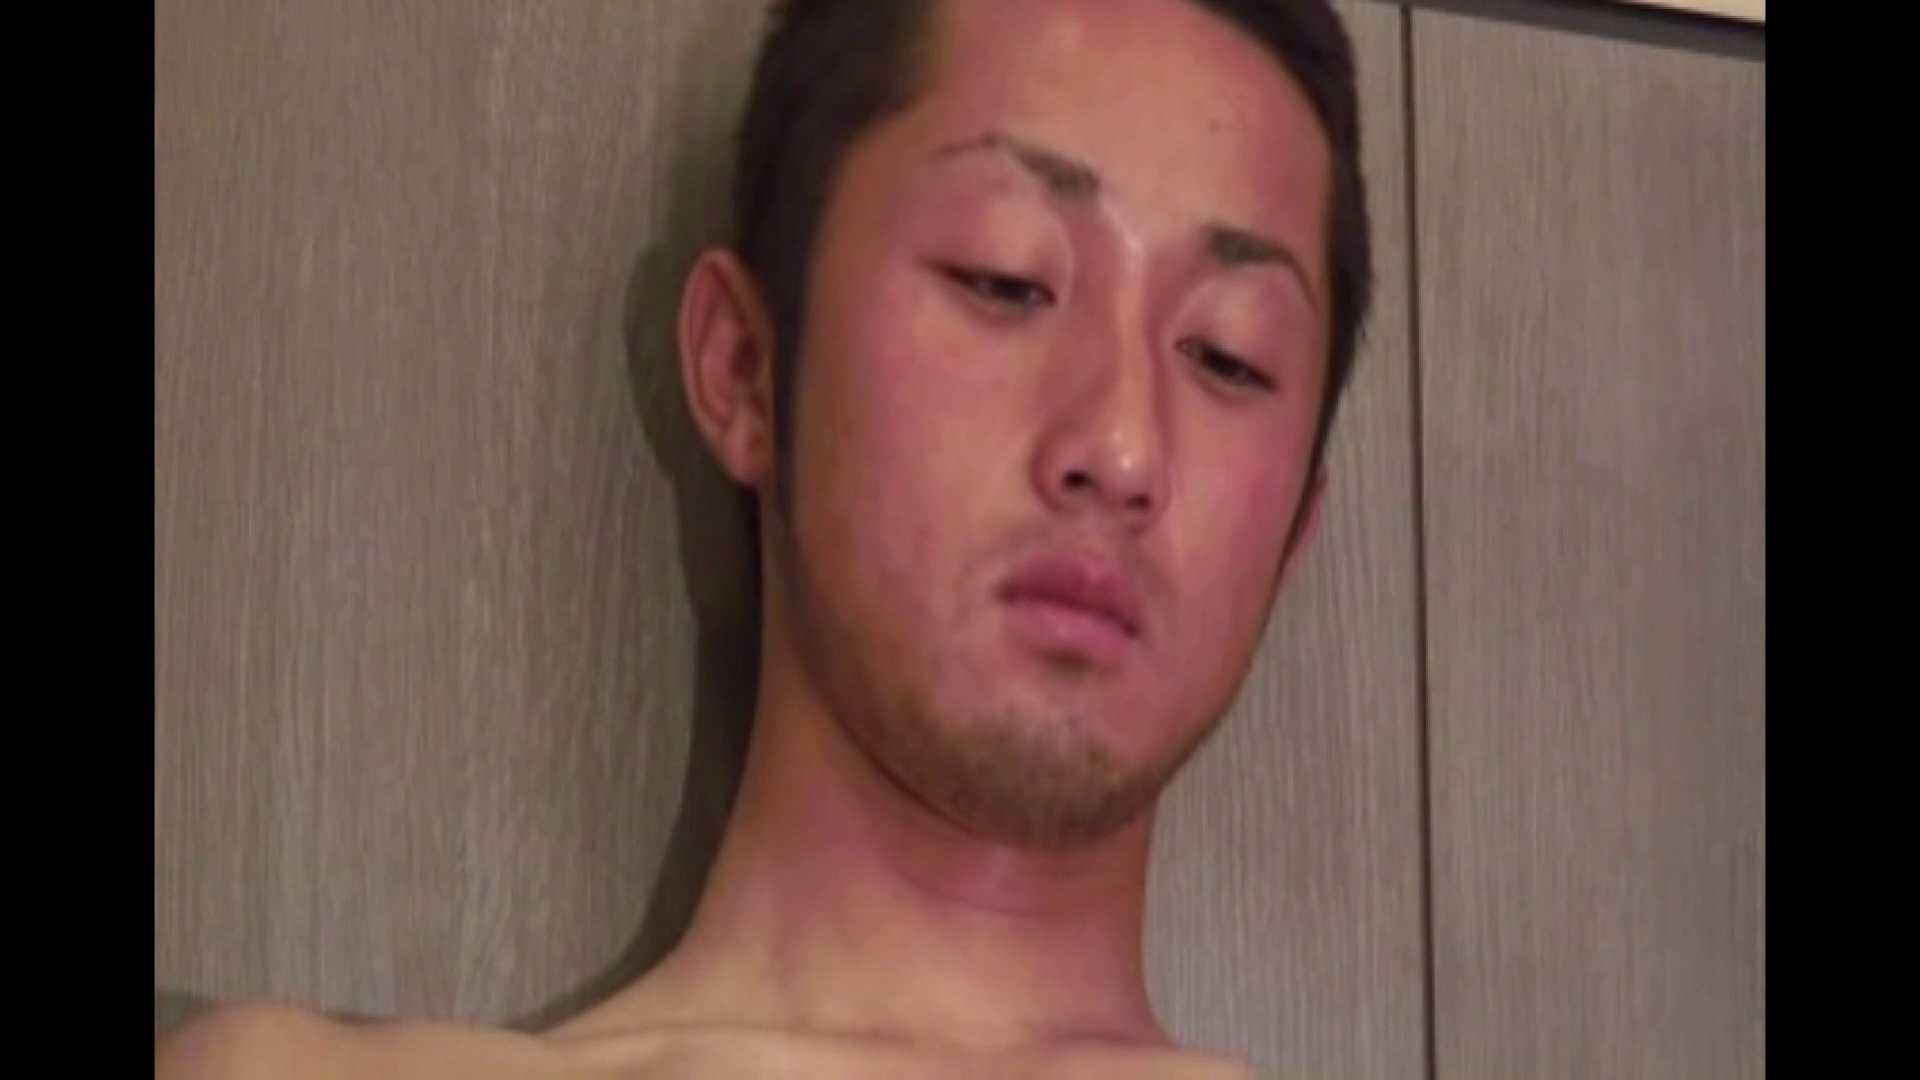 ノンケイケメンの欲望と肉棒 Vol.4 肉   ノンケボーイズ  52pic 24